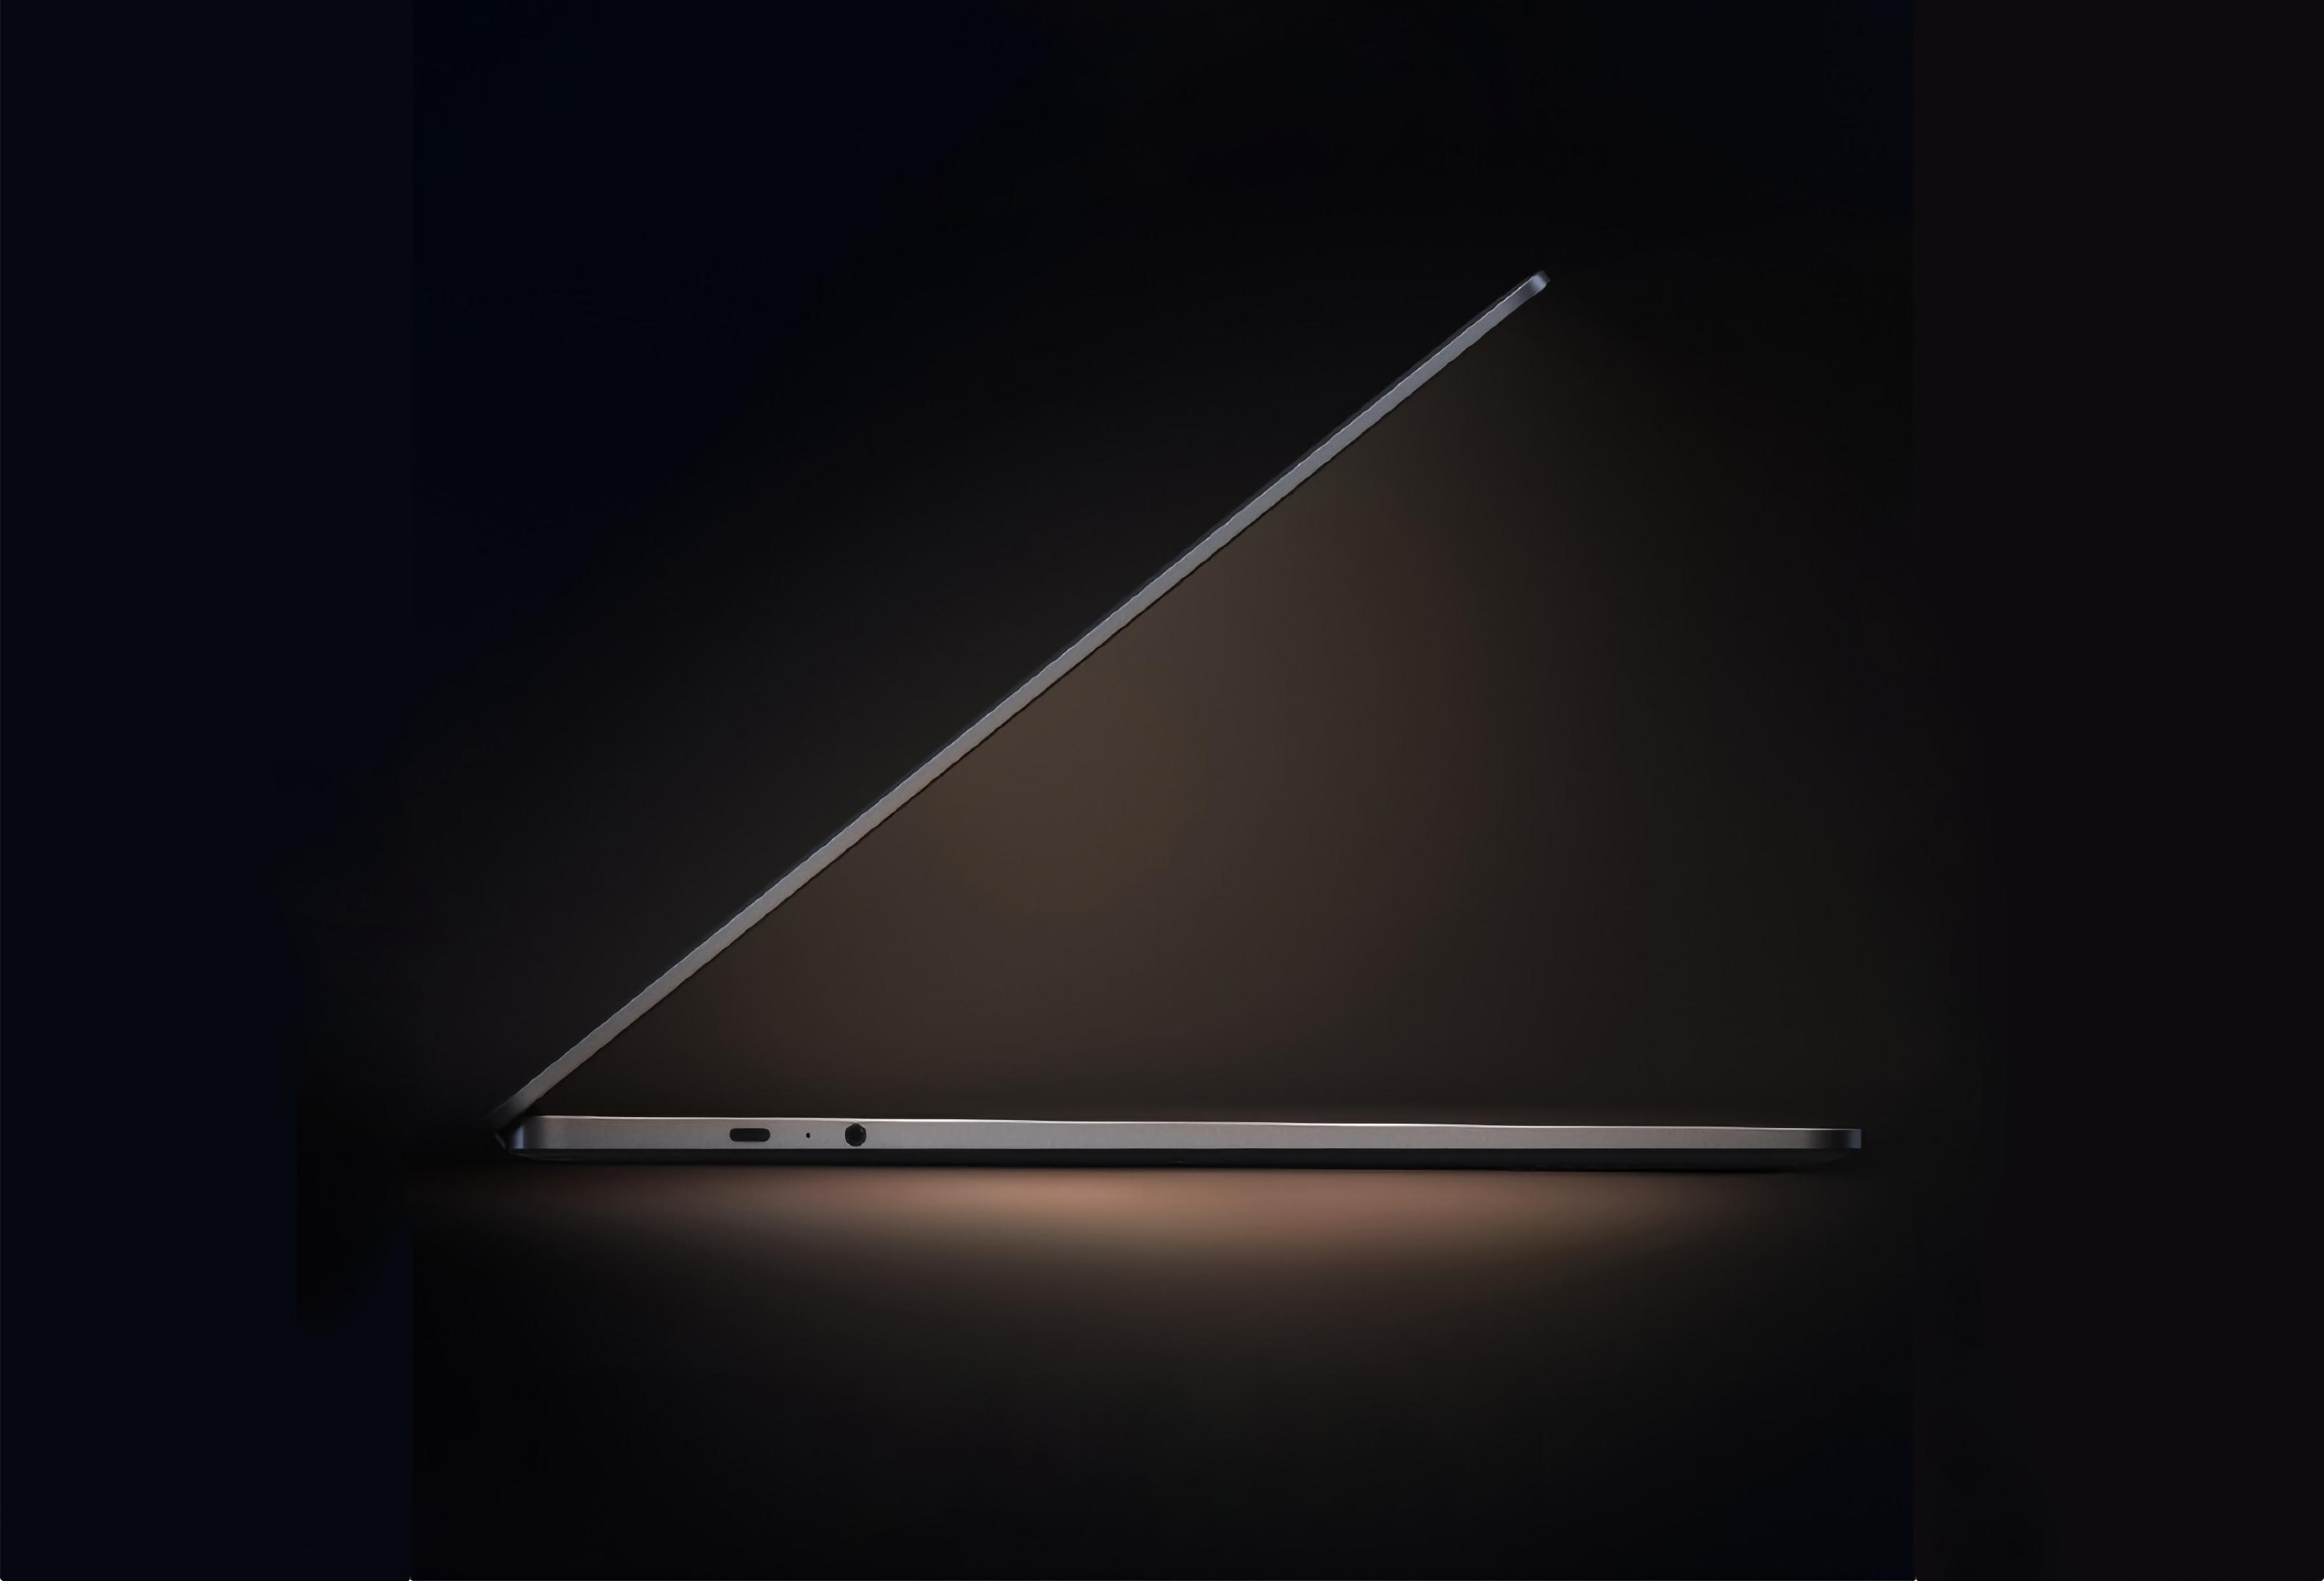 Xiaomi начала тизерить анонс флагманского ноутбука Mi Notebook Pro 2021: ждём его вместе со смартфоном Xiaomi Mi 11 Pro